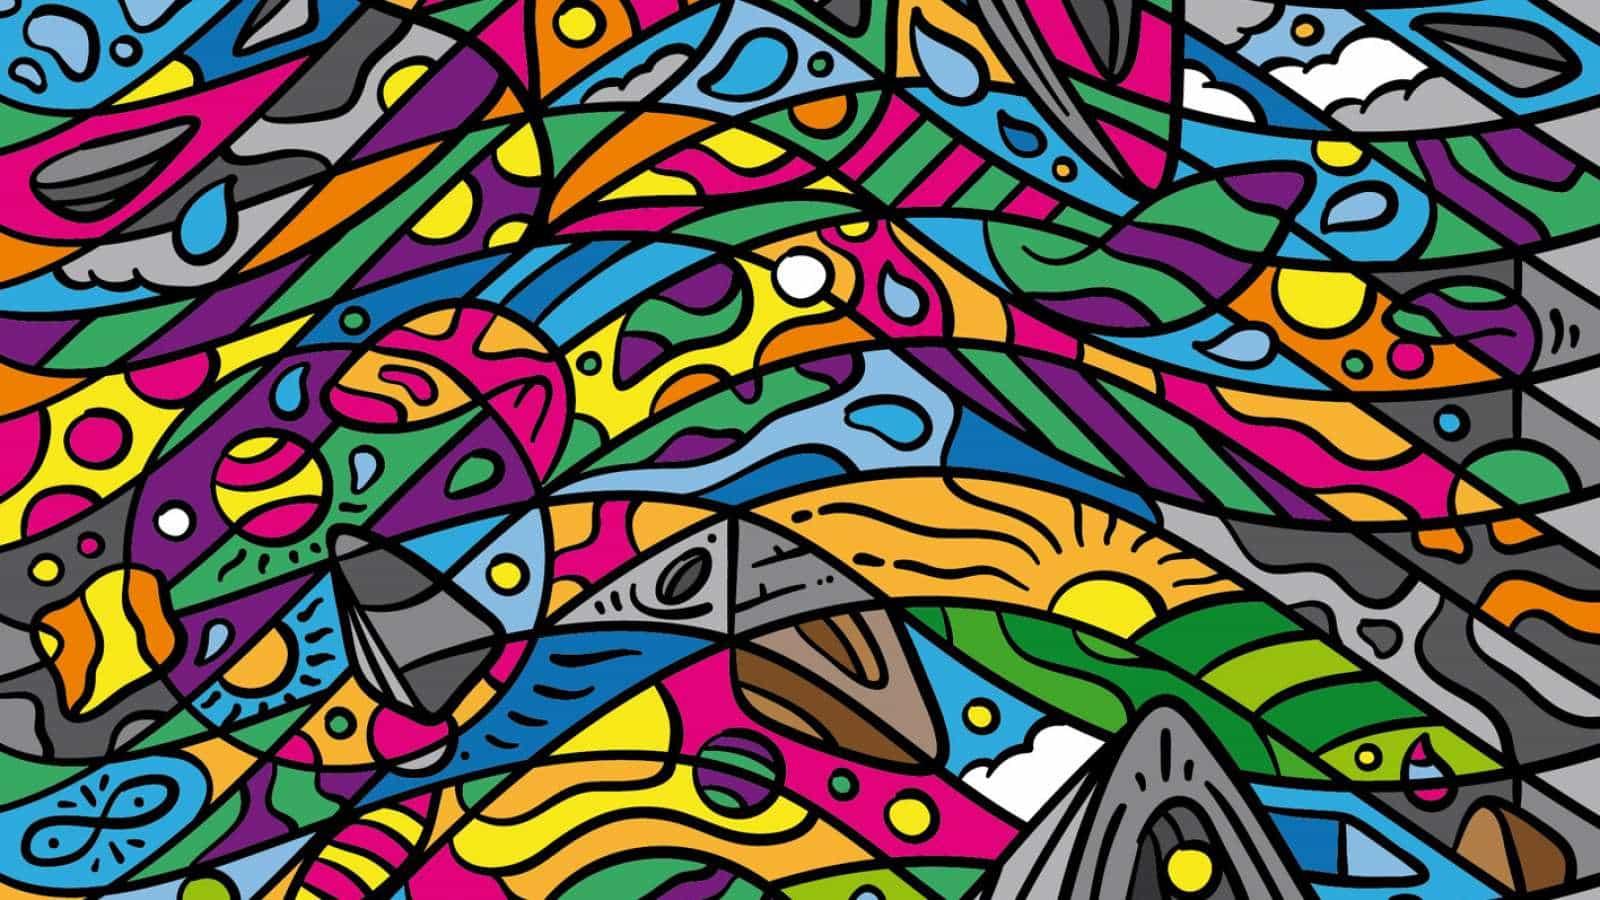 """Flavio Melchiorre comparte un proyecto de ilustración colorido titulado """"Tropicalia"""" - 2020. Se describe el proyecto como un mejor diseño digital experimental en los patrones caleidoscópicos modulares. El resultado es un conjunto de composiciones muy colorido con un estilo que me recuerda un poco del arte de la famosa artista brasileño Romero Britto. Otra cosa que me llamó la atención fue el término """"Tropicalia"""". Tropicália, también conocido como Tropicalismo, fue un movimiento artístico brasileño que surgió a finales de 1960 y terminó formalmente en 1968."""